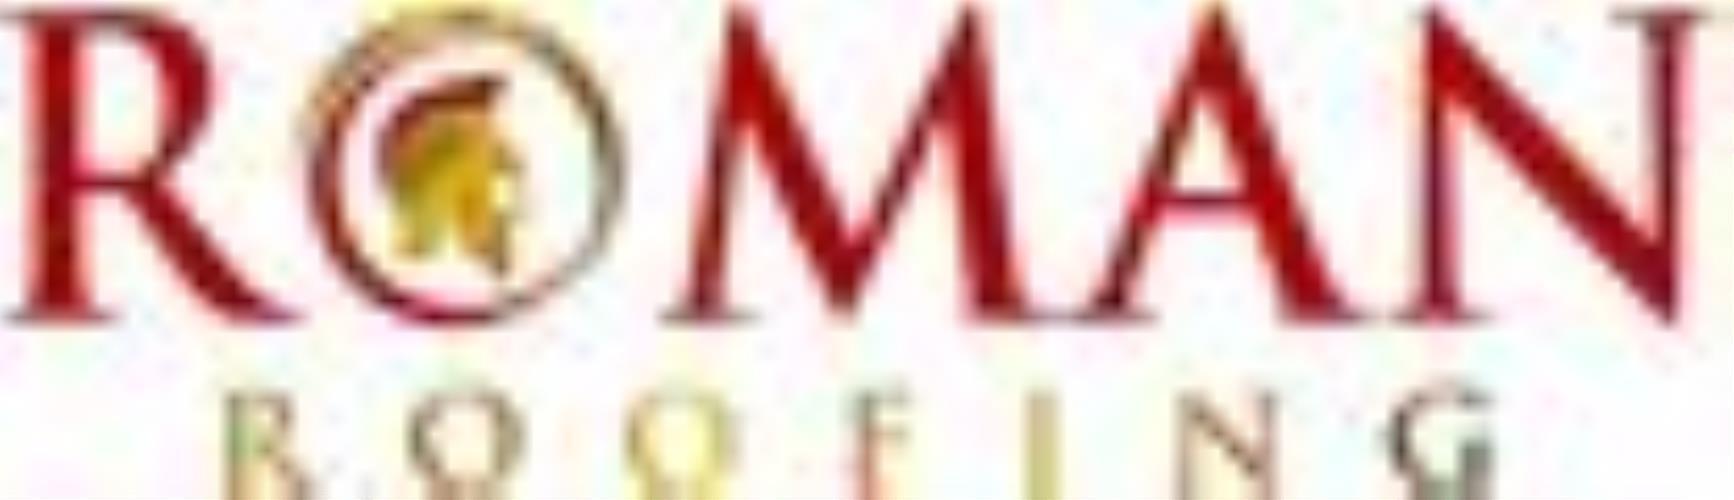 01c13de1-4160-e911-a2c7-005056954d63